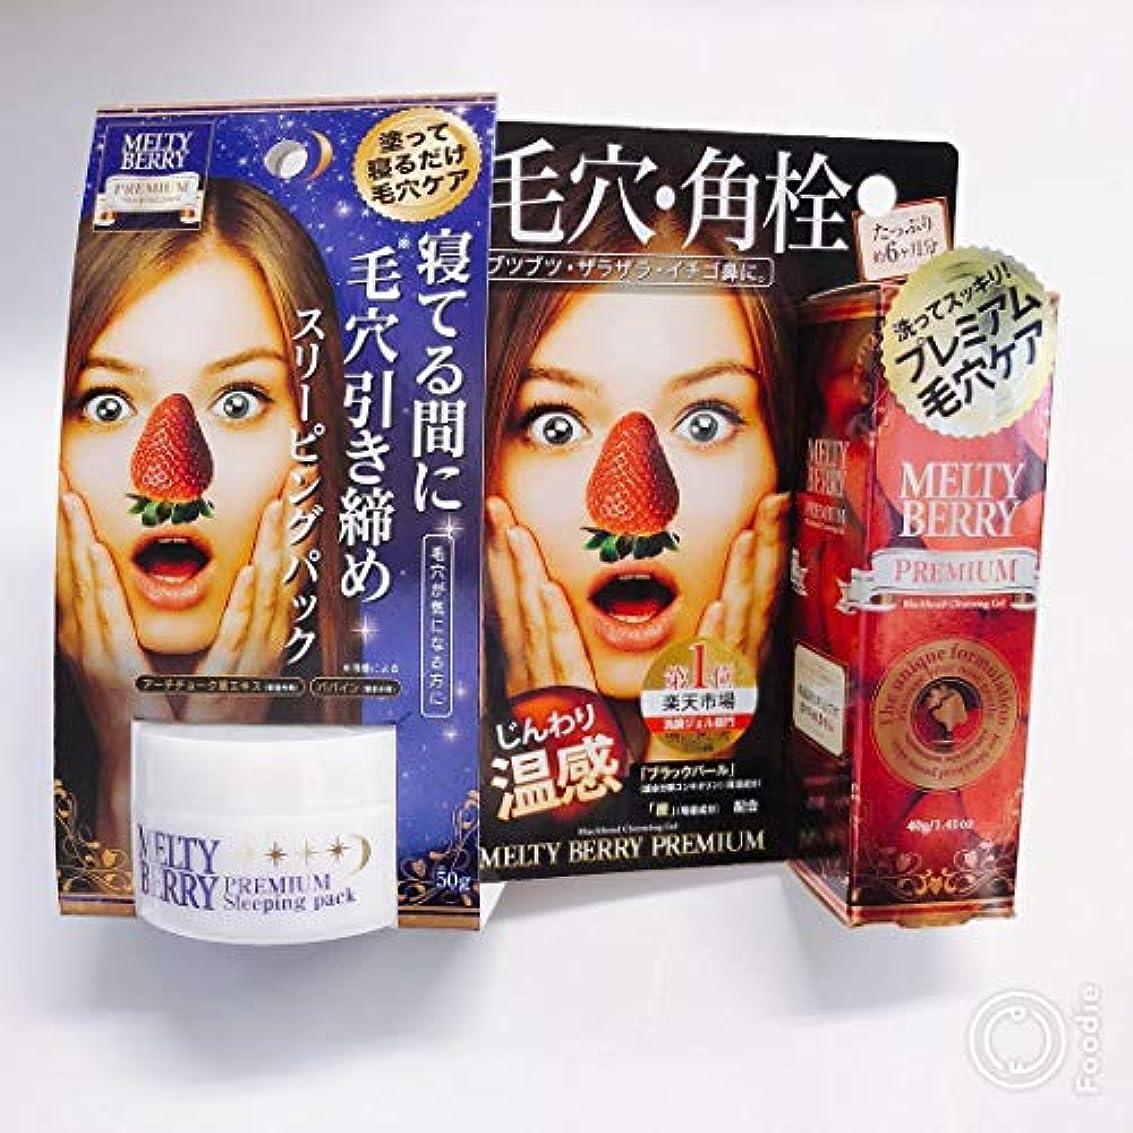 電球健康的まばたきメルティベリープレミアム毛穴角栓ジェル+プレミアム スリーピングパック セットMELTY BERRY草莓鼻